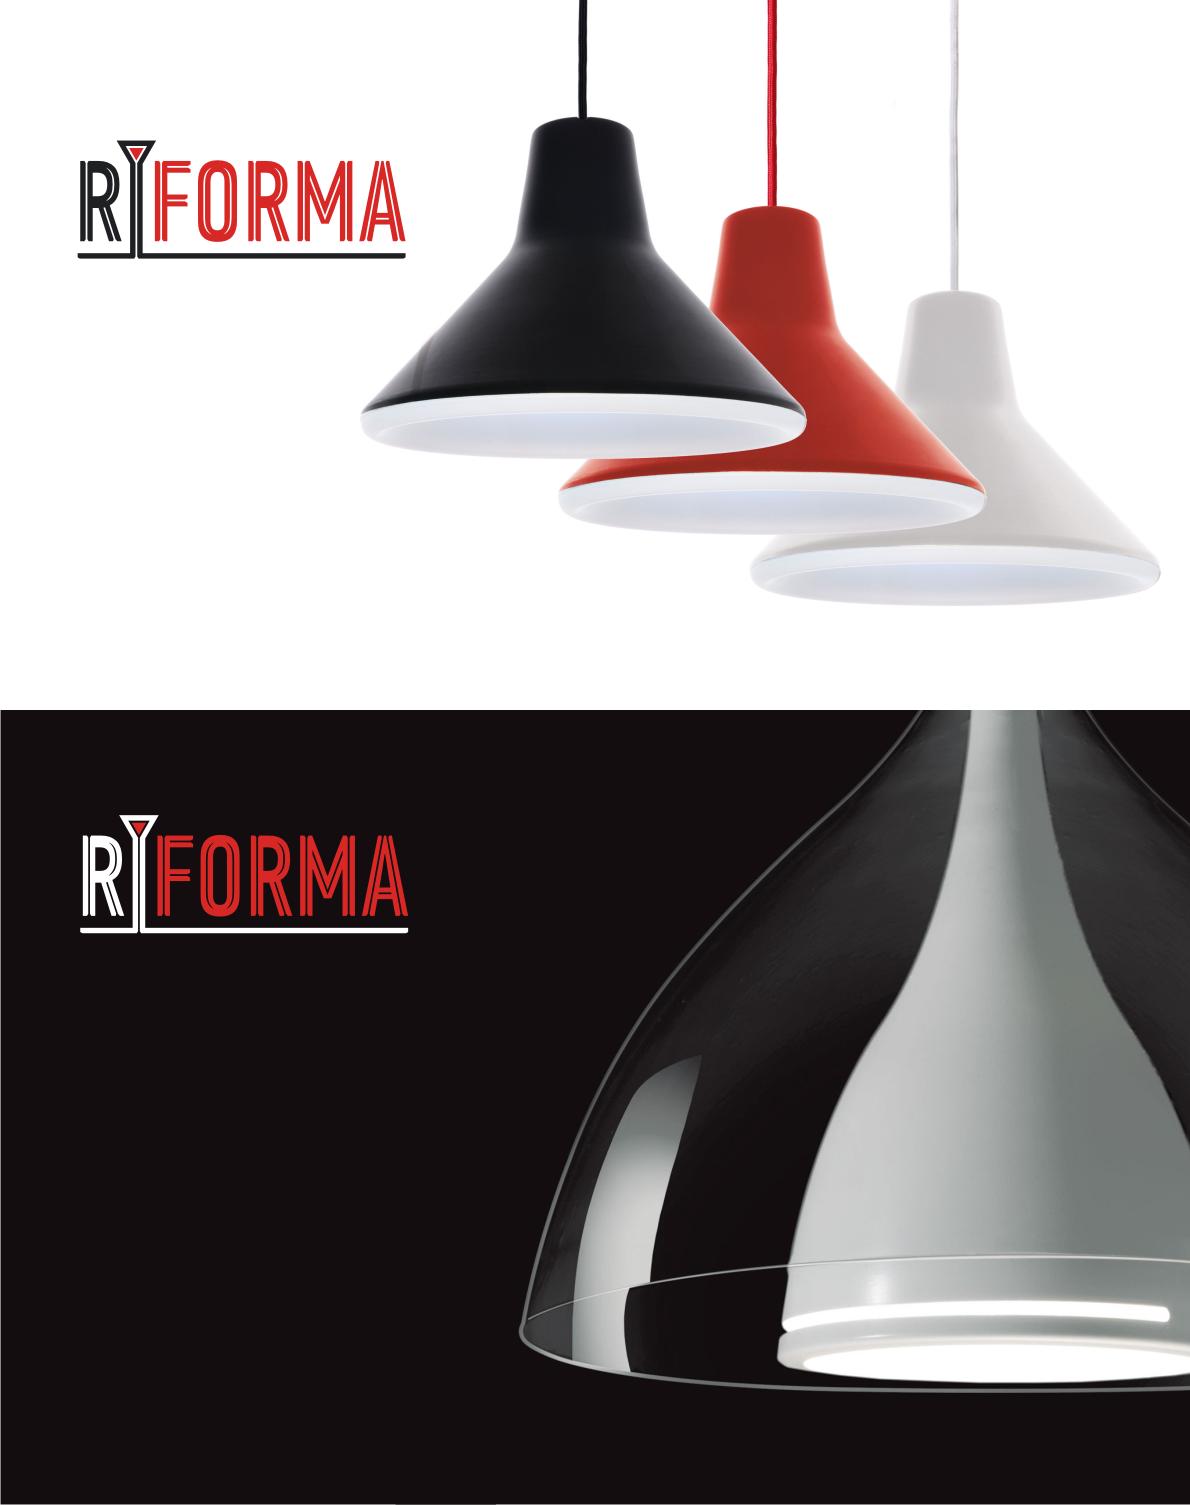 Разработка логотипа и элементов фирменного стиля фото f_6885795d08d8f6cc.png